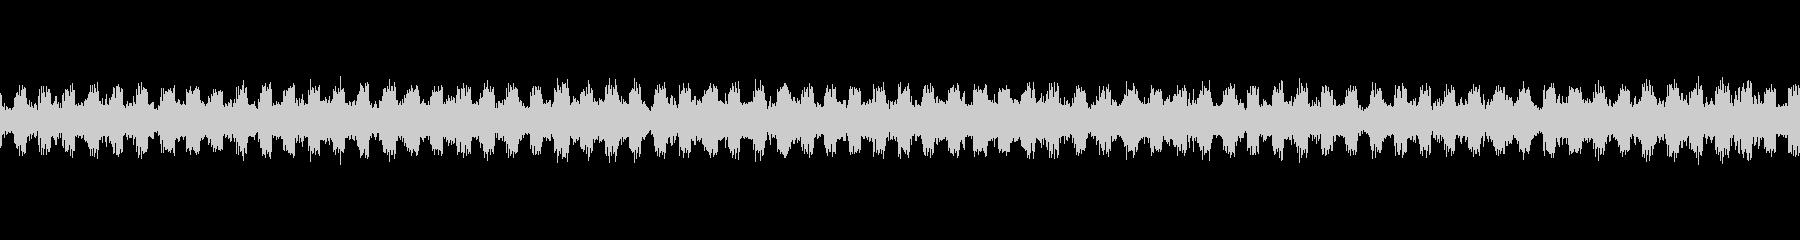 【生録音】ループで使える秋の虫の声 3の未再生の波形